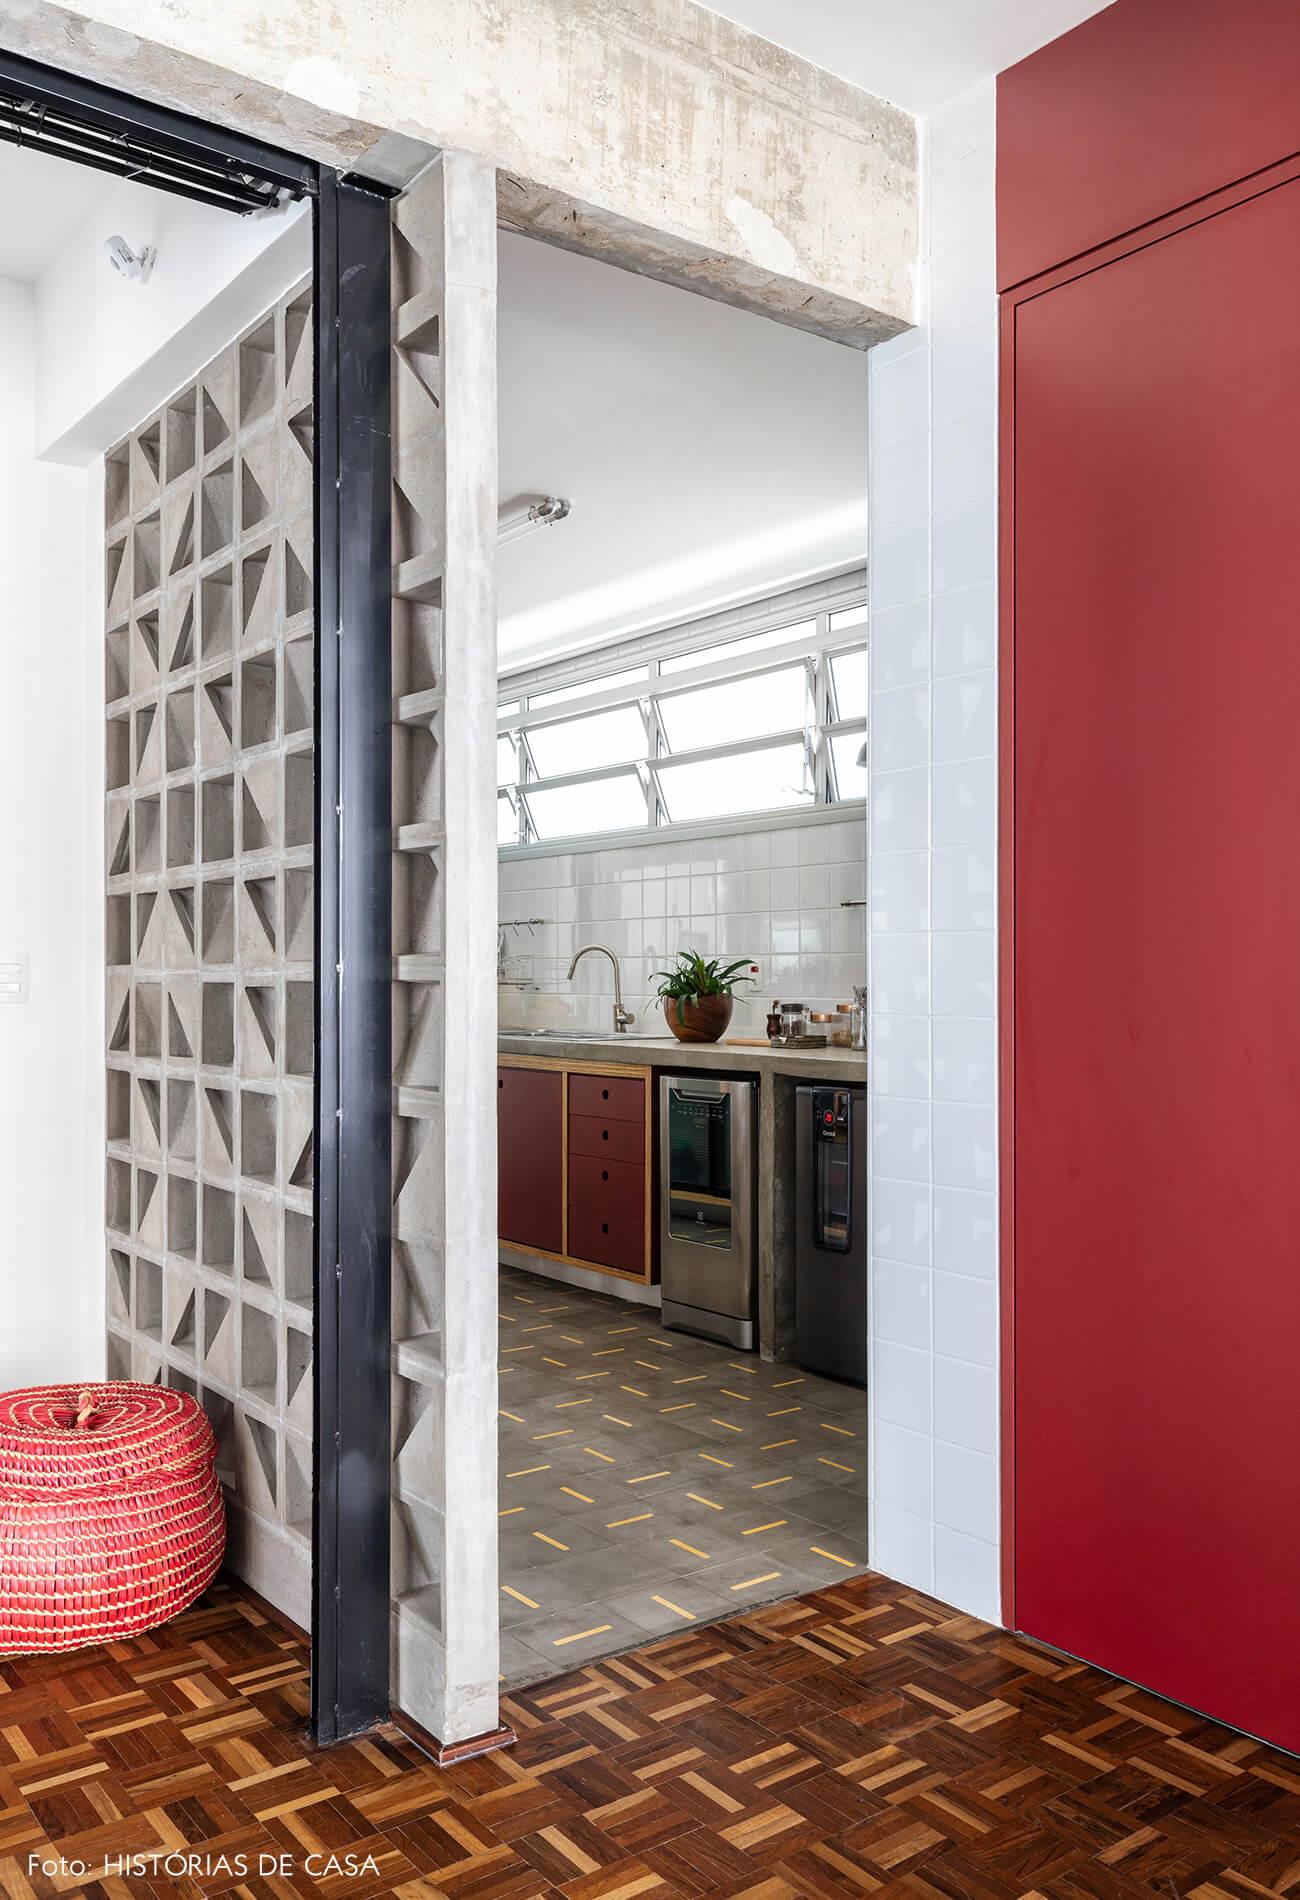 sala-com-estrutura-e-cobogo-de-concreto-e-porta-vermelha